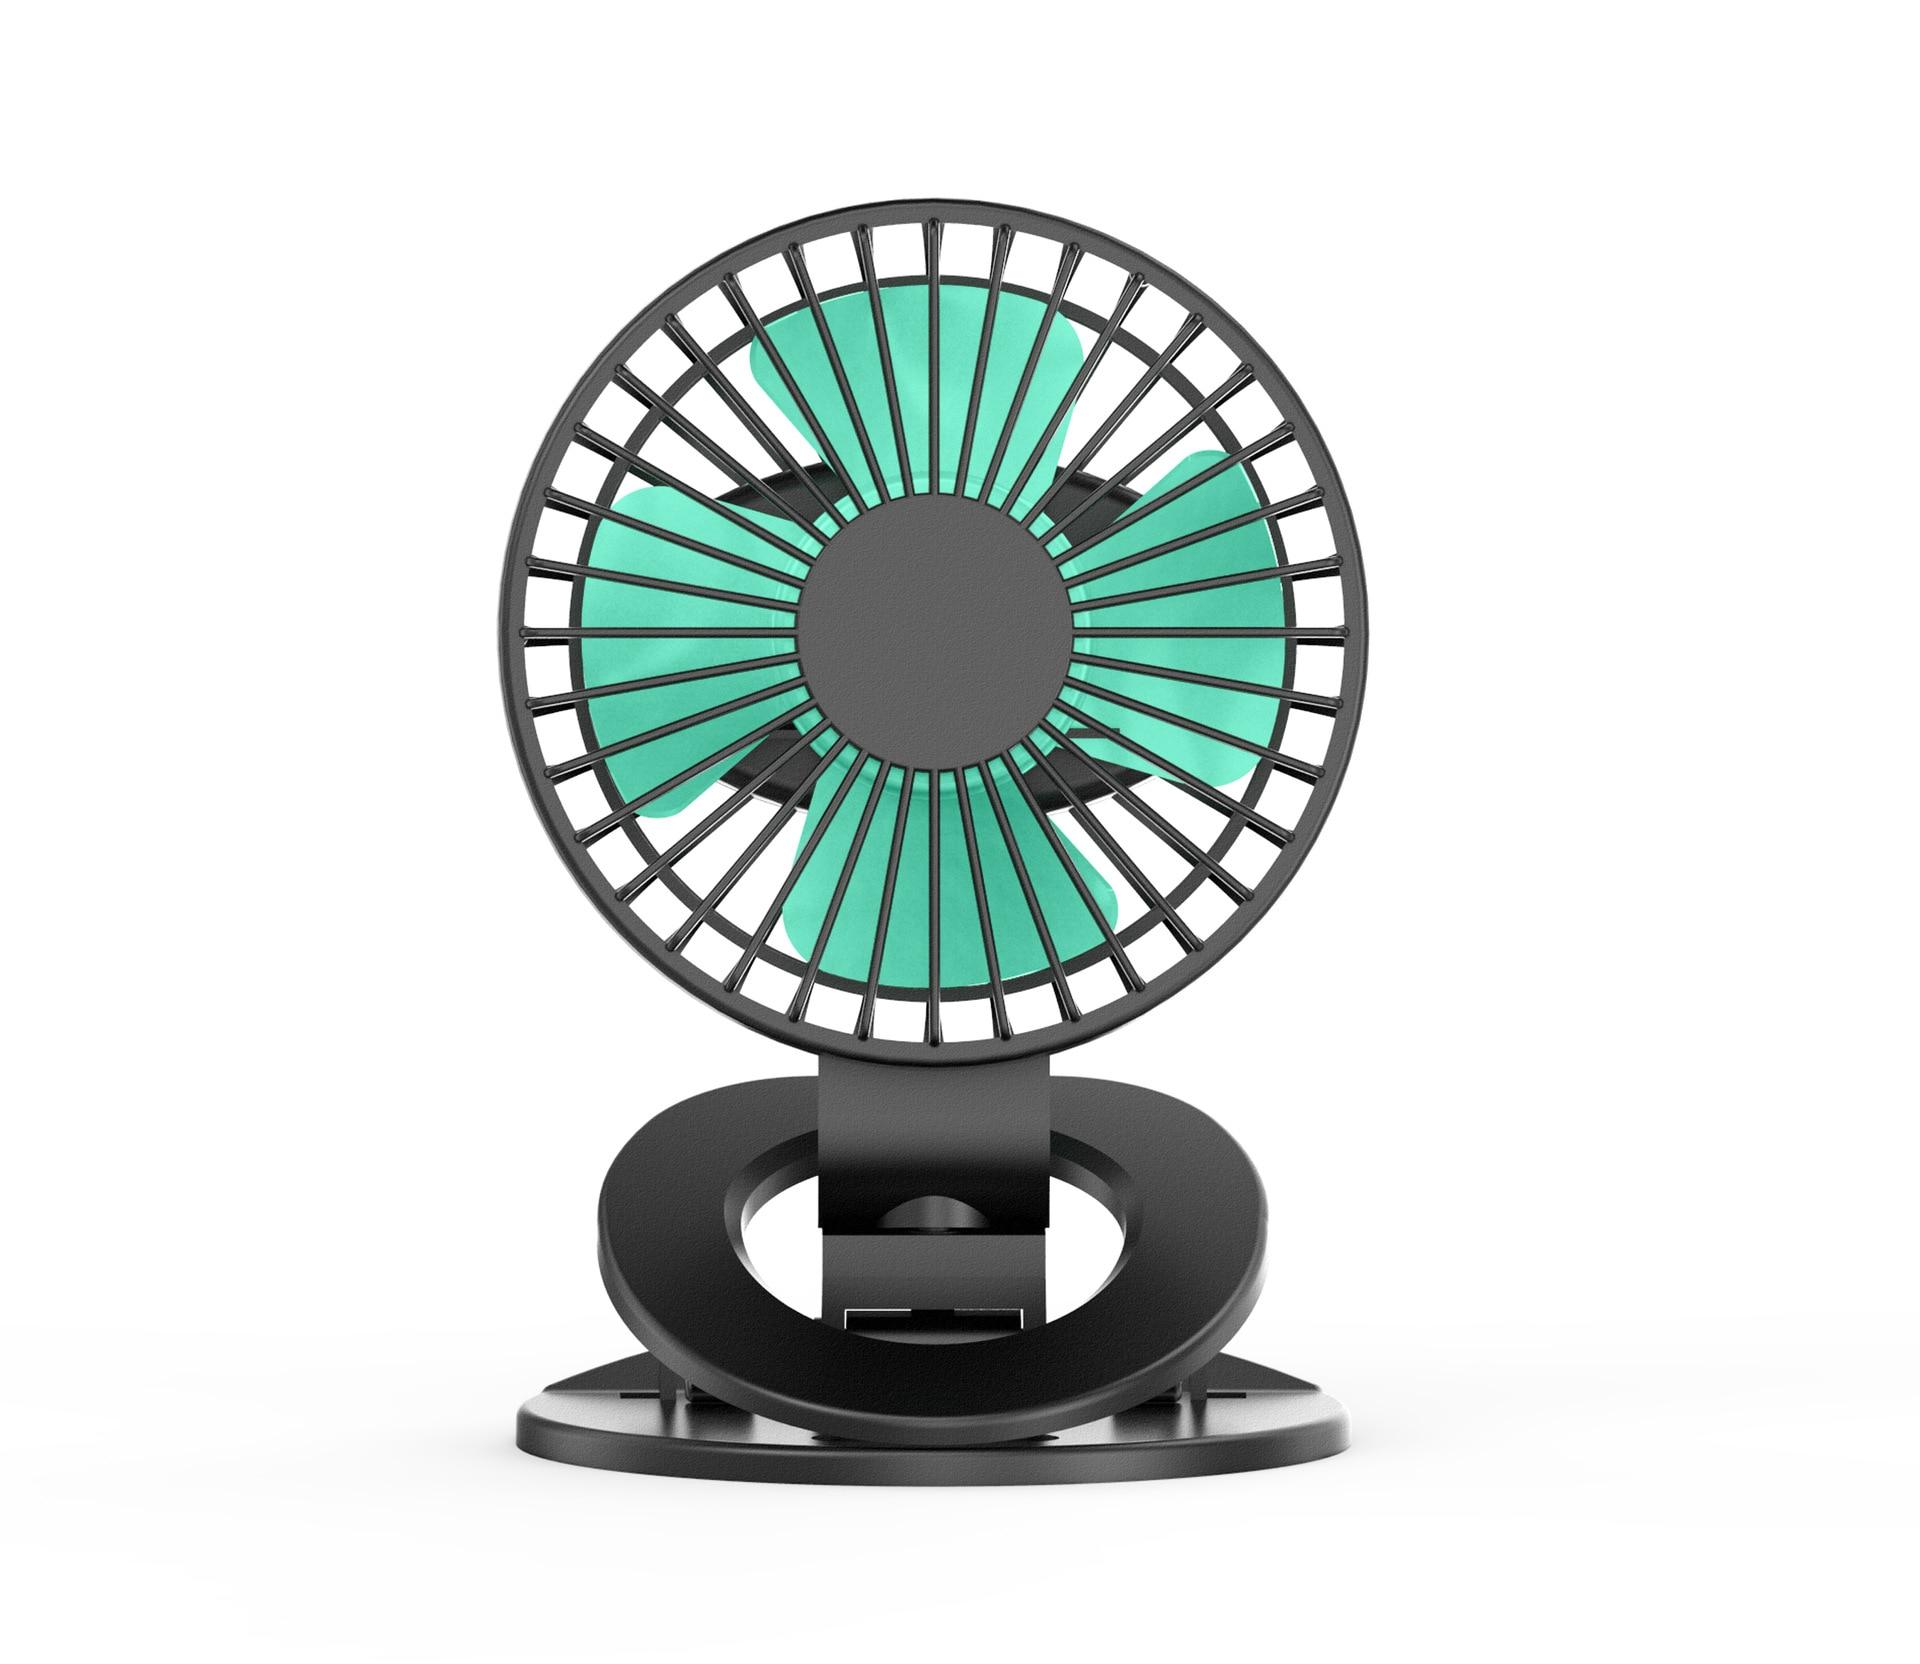 Hot Sale Rechargeable Usb Handheld Mini Fan Silent Air Cooler Portable Desk Fans For Home Fans     - title=